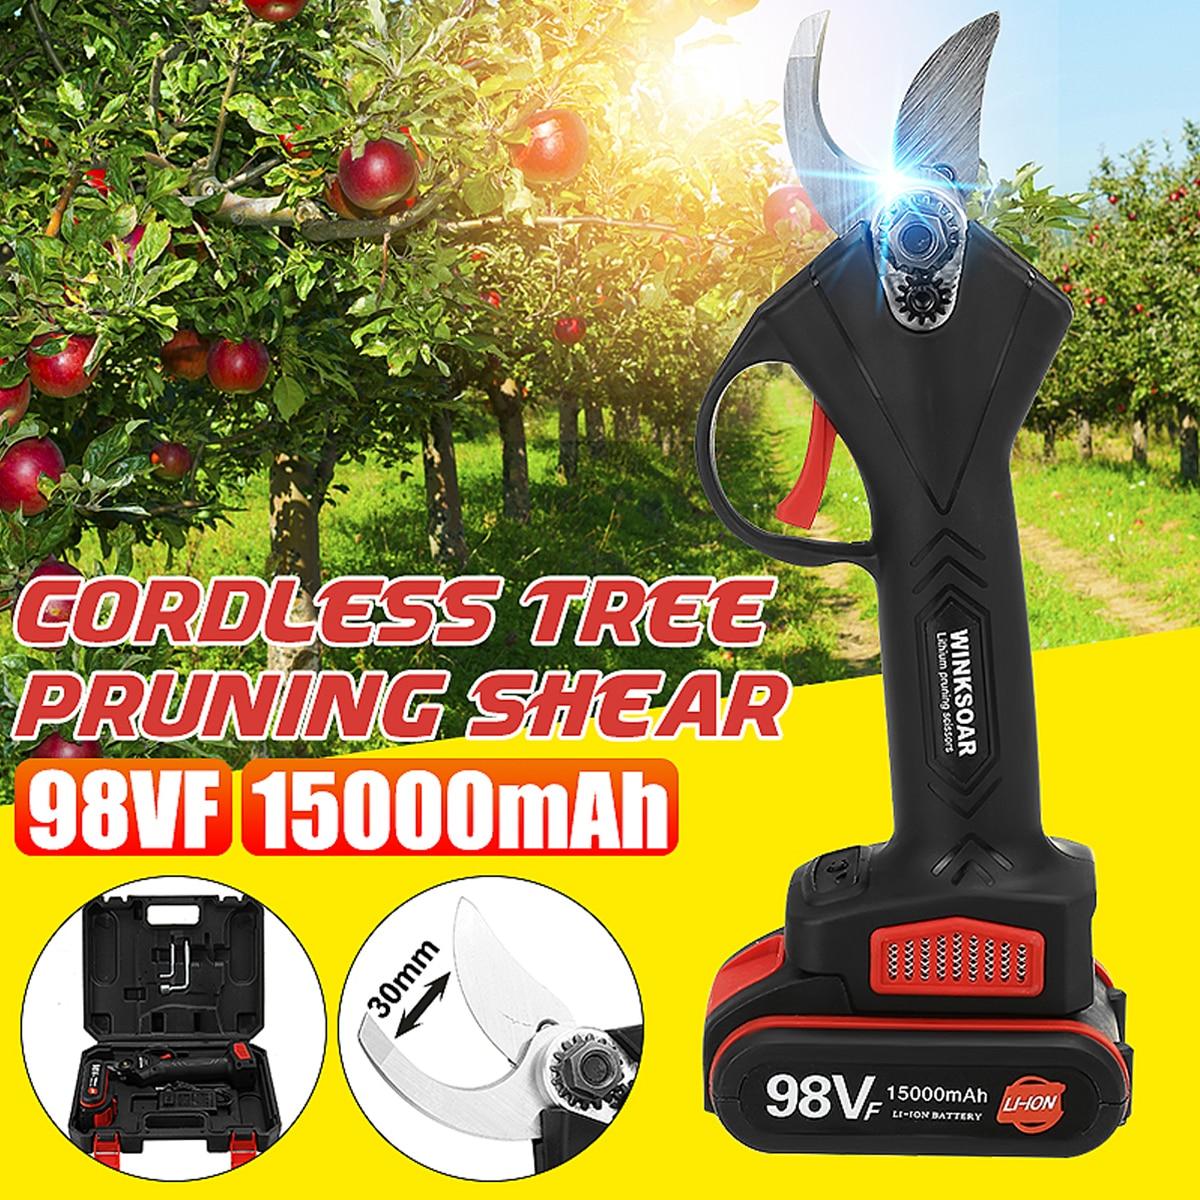 جهاز تقليم لاسلكي 98 فولت 15000 مللي أمبير في الساعة, جهاز تقليم بونساي ، تقليم أشجار الفاكهة ، تقليم كهربي ، تنسيق حدائق